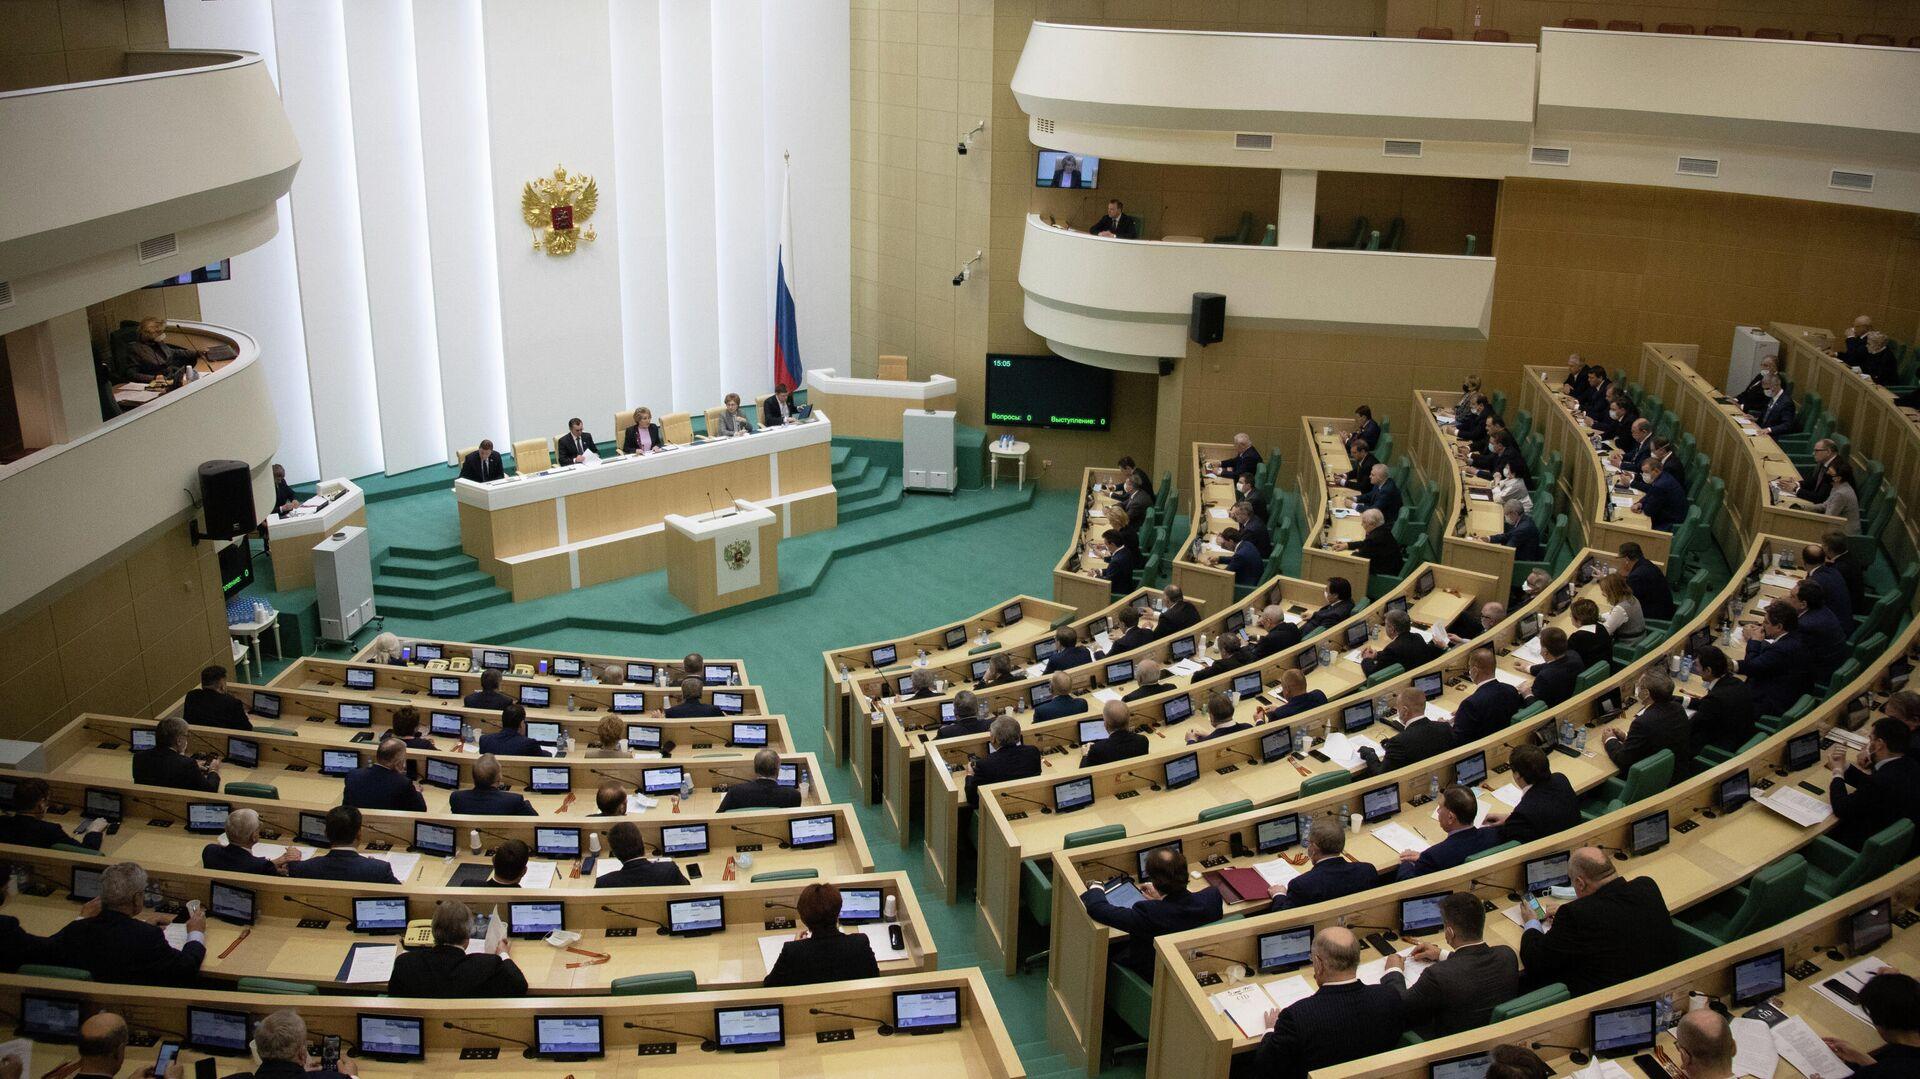 Сенаторы на заседании Совета Федерации РФ - РИА Новости, 1920, 02.06.2020